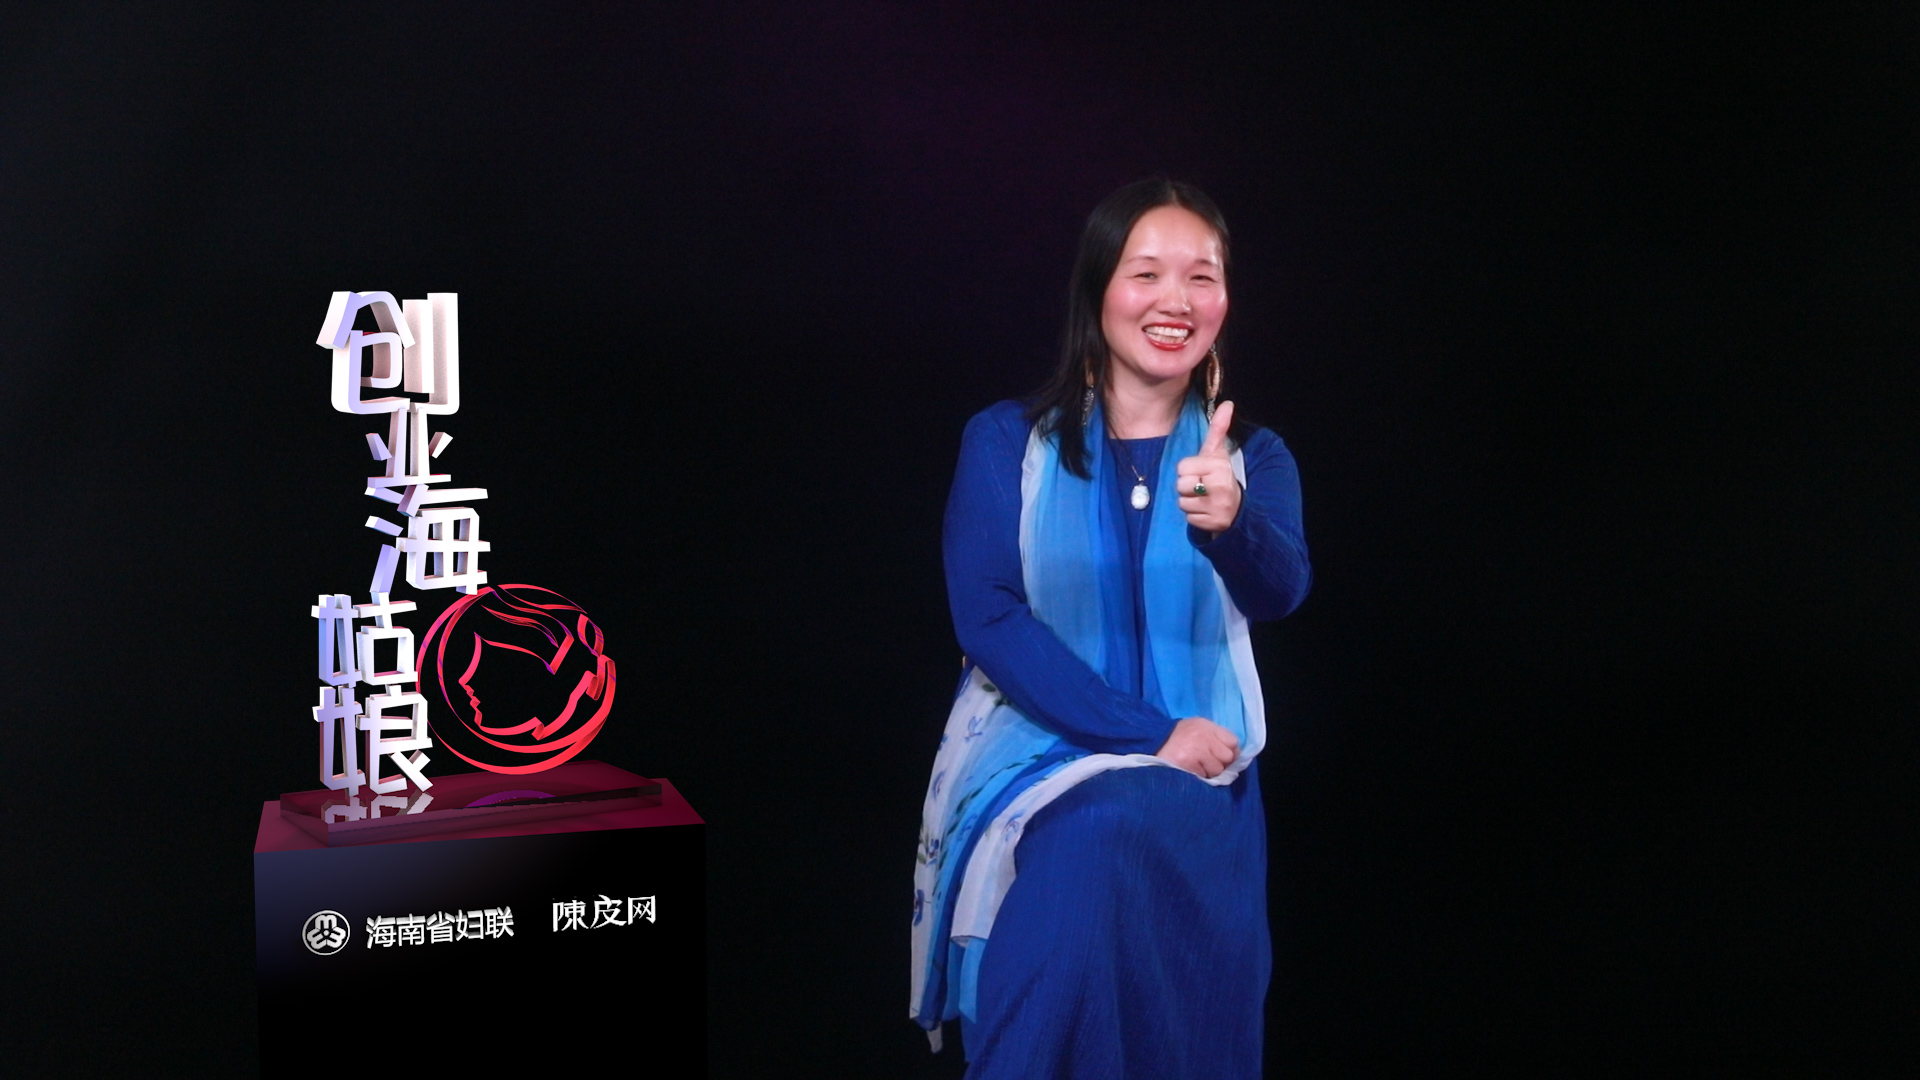 创业海姑娘|黎藤织恋杨育萍——以藤艺为马,逐梦海南